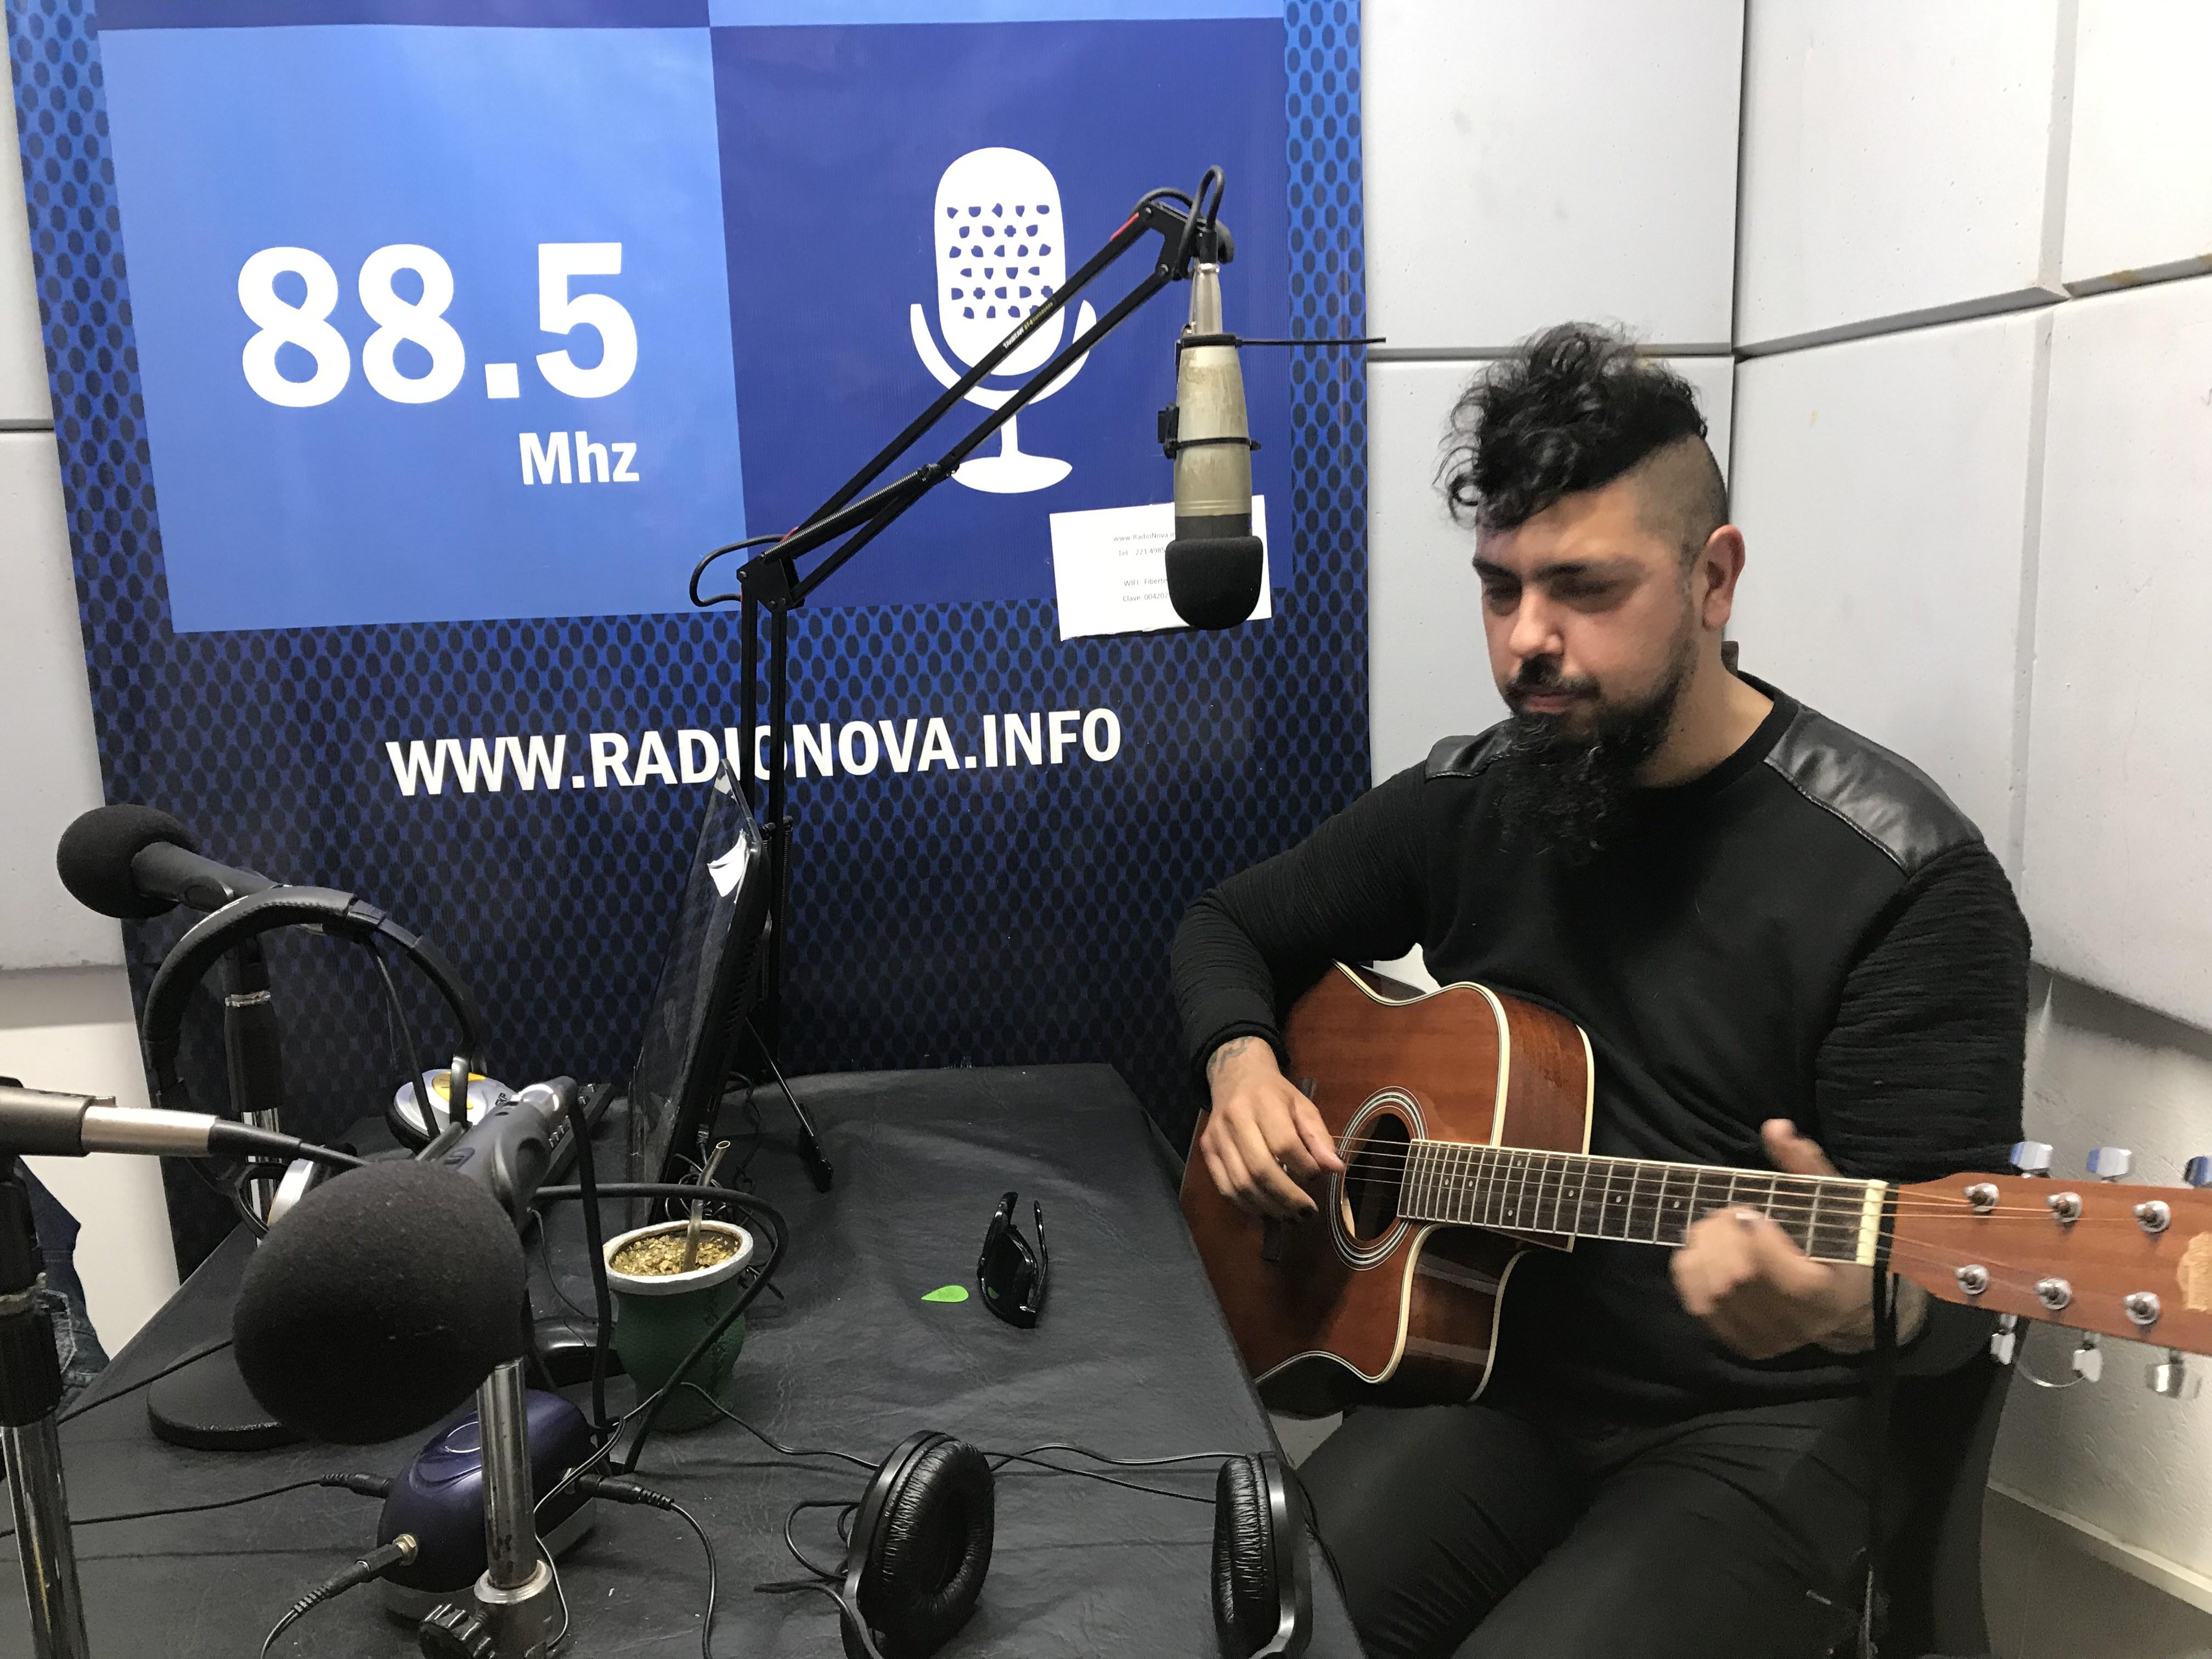 El artista Fernando Menvielle presentó Almamosca en el aire de BerissoCiudad en Radio por Cadena Radial NOVA 88.5.